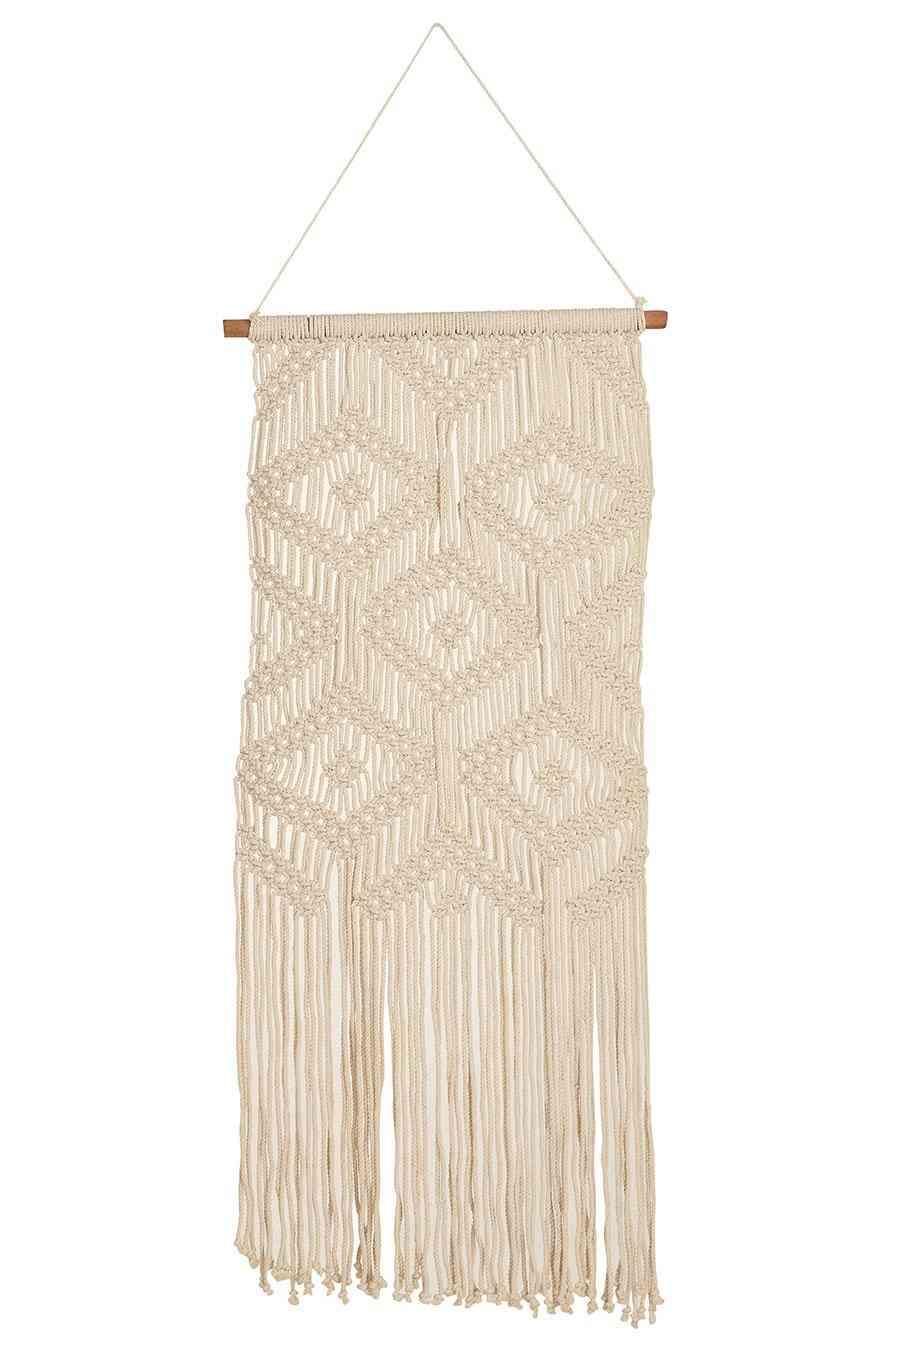 Natural Handmade Wall Decor Tapestry